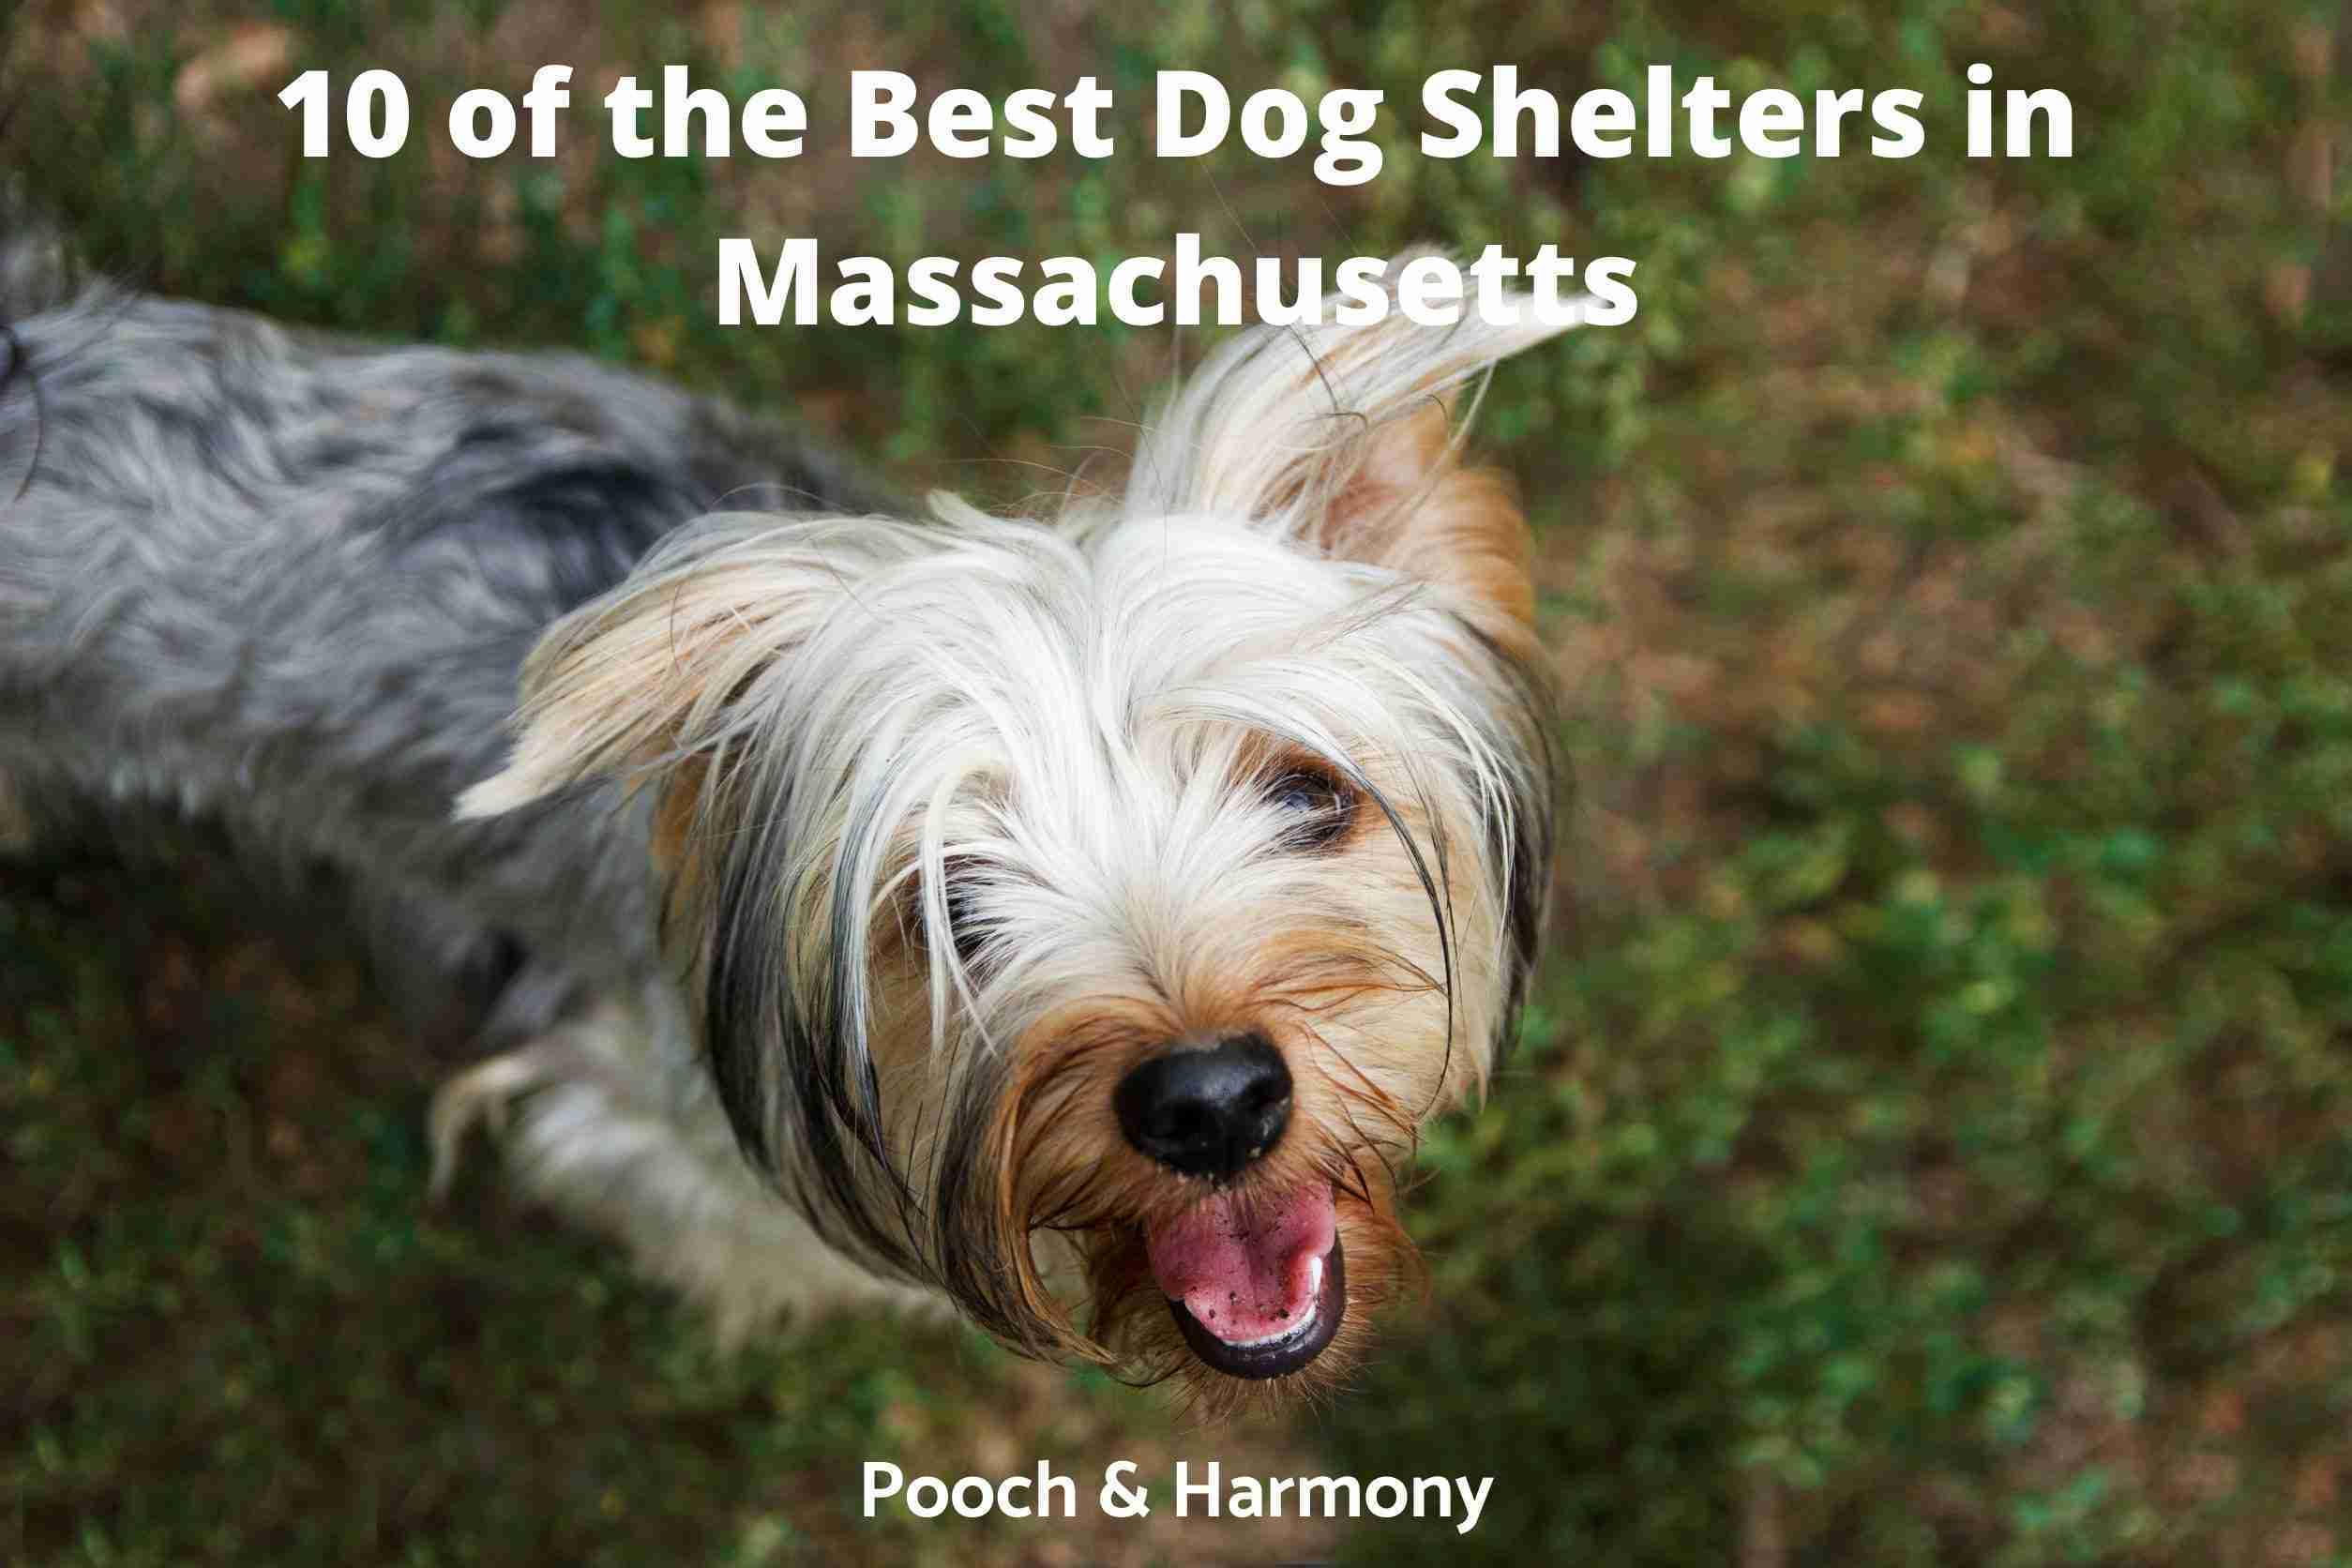 Best Dog Shelters in Massachusetts